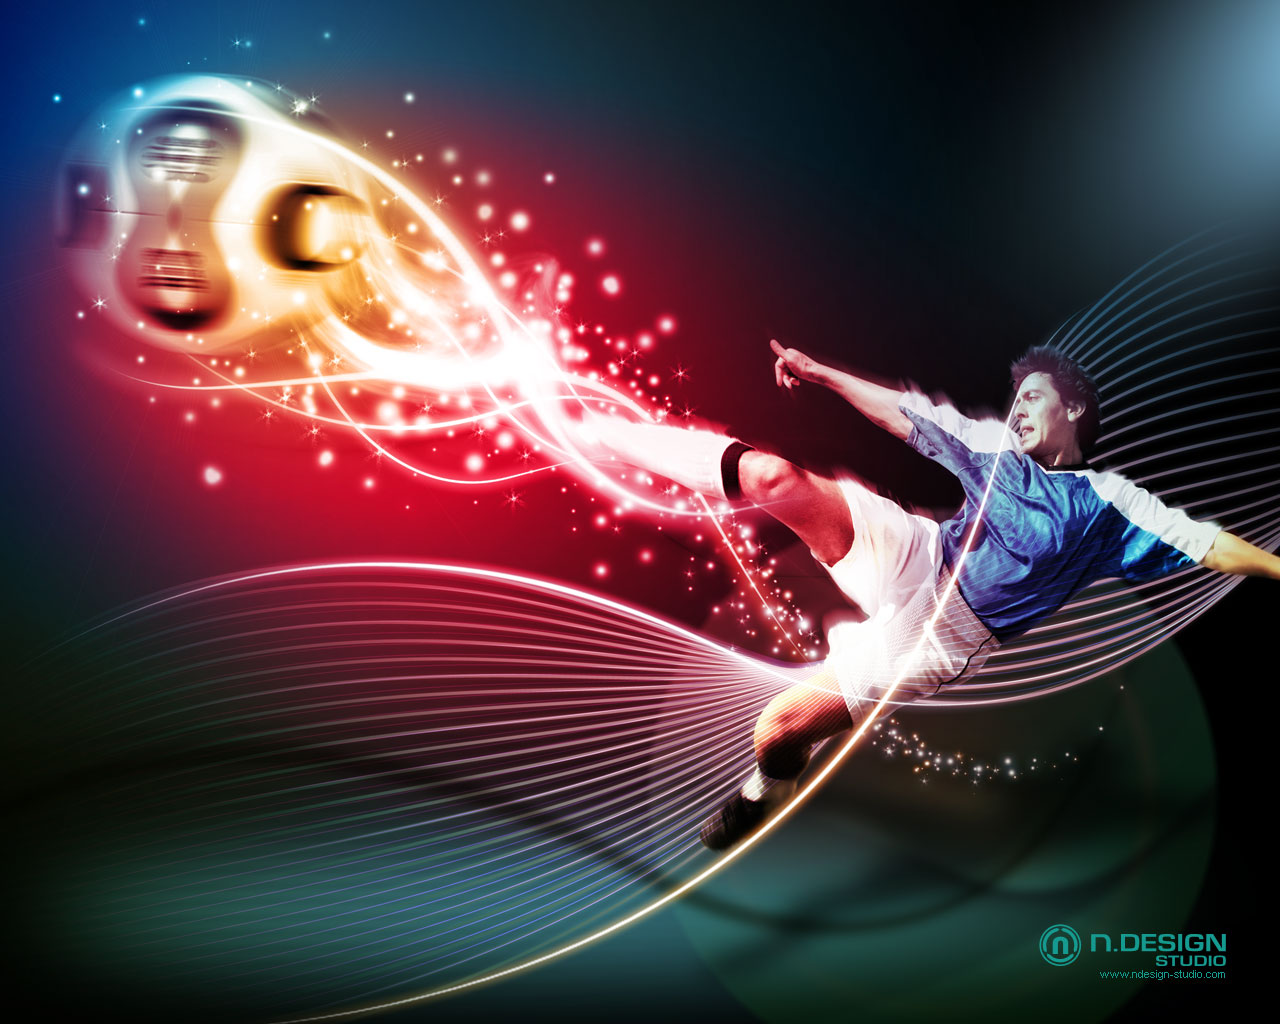 http://1.bp.blogspot.com/_ALA7zdkT1aI/TIuAwUn2sLI/AAAAAAAAABg/EZO53KxXRZI/s1600/football_player.jpg